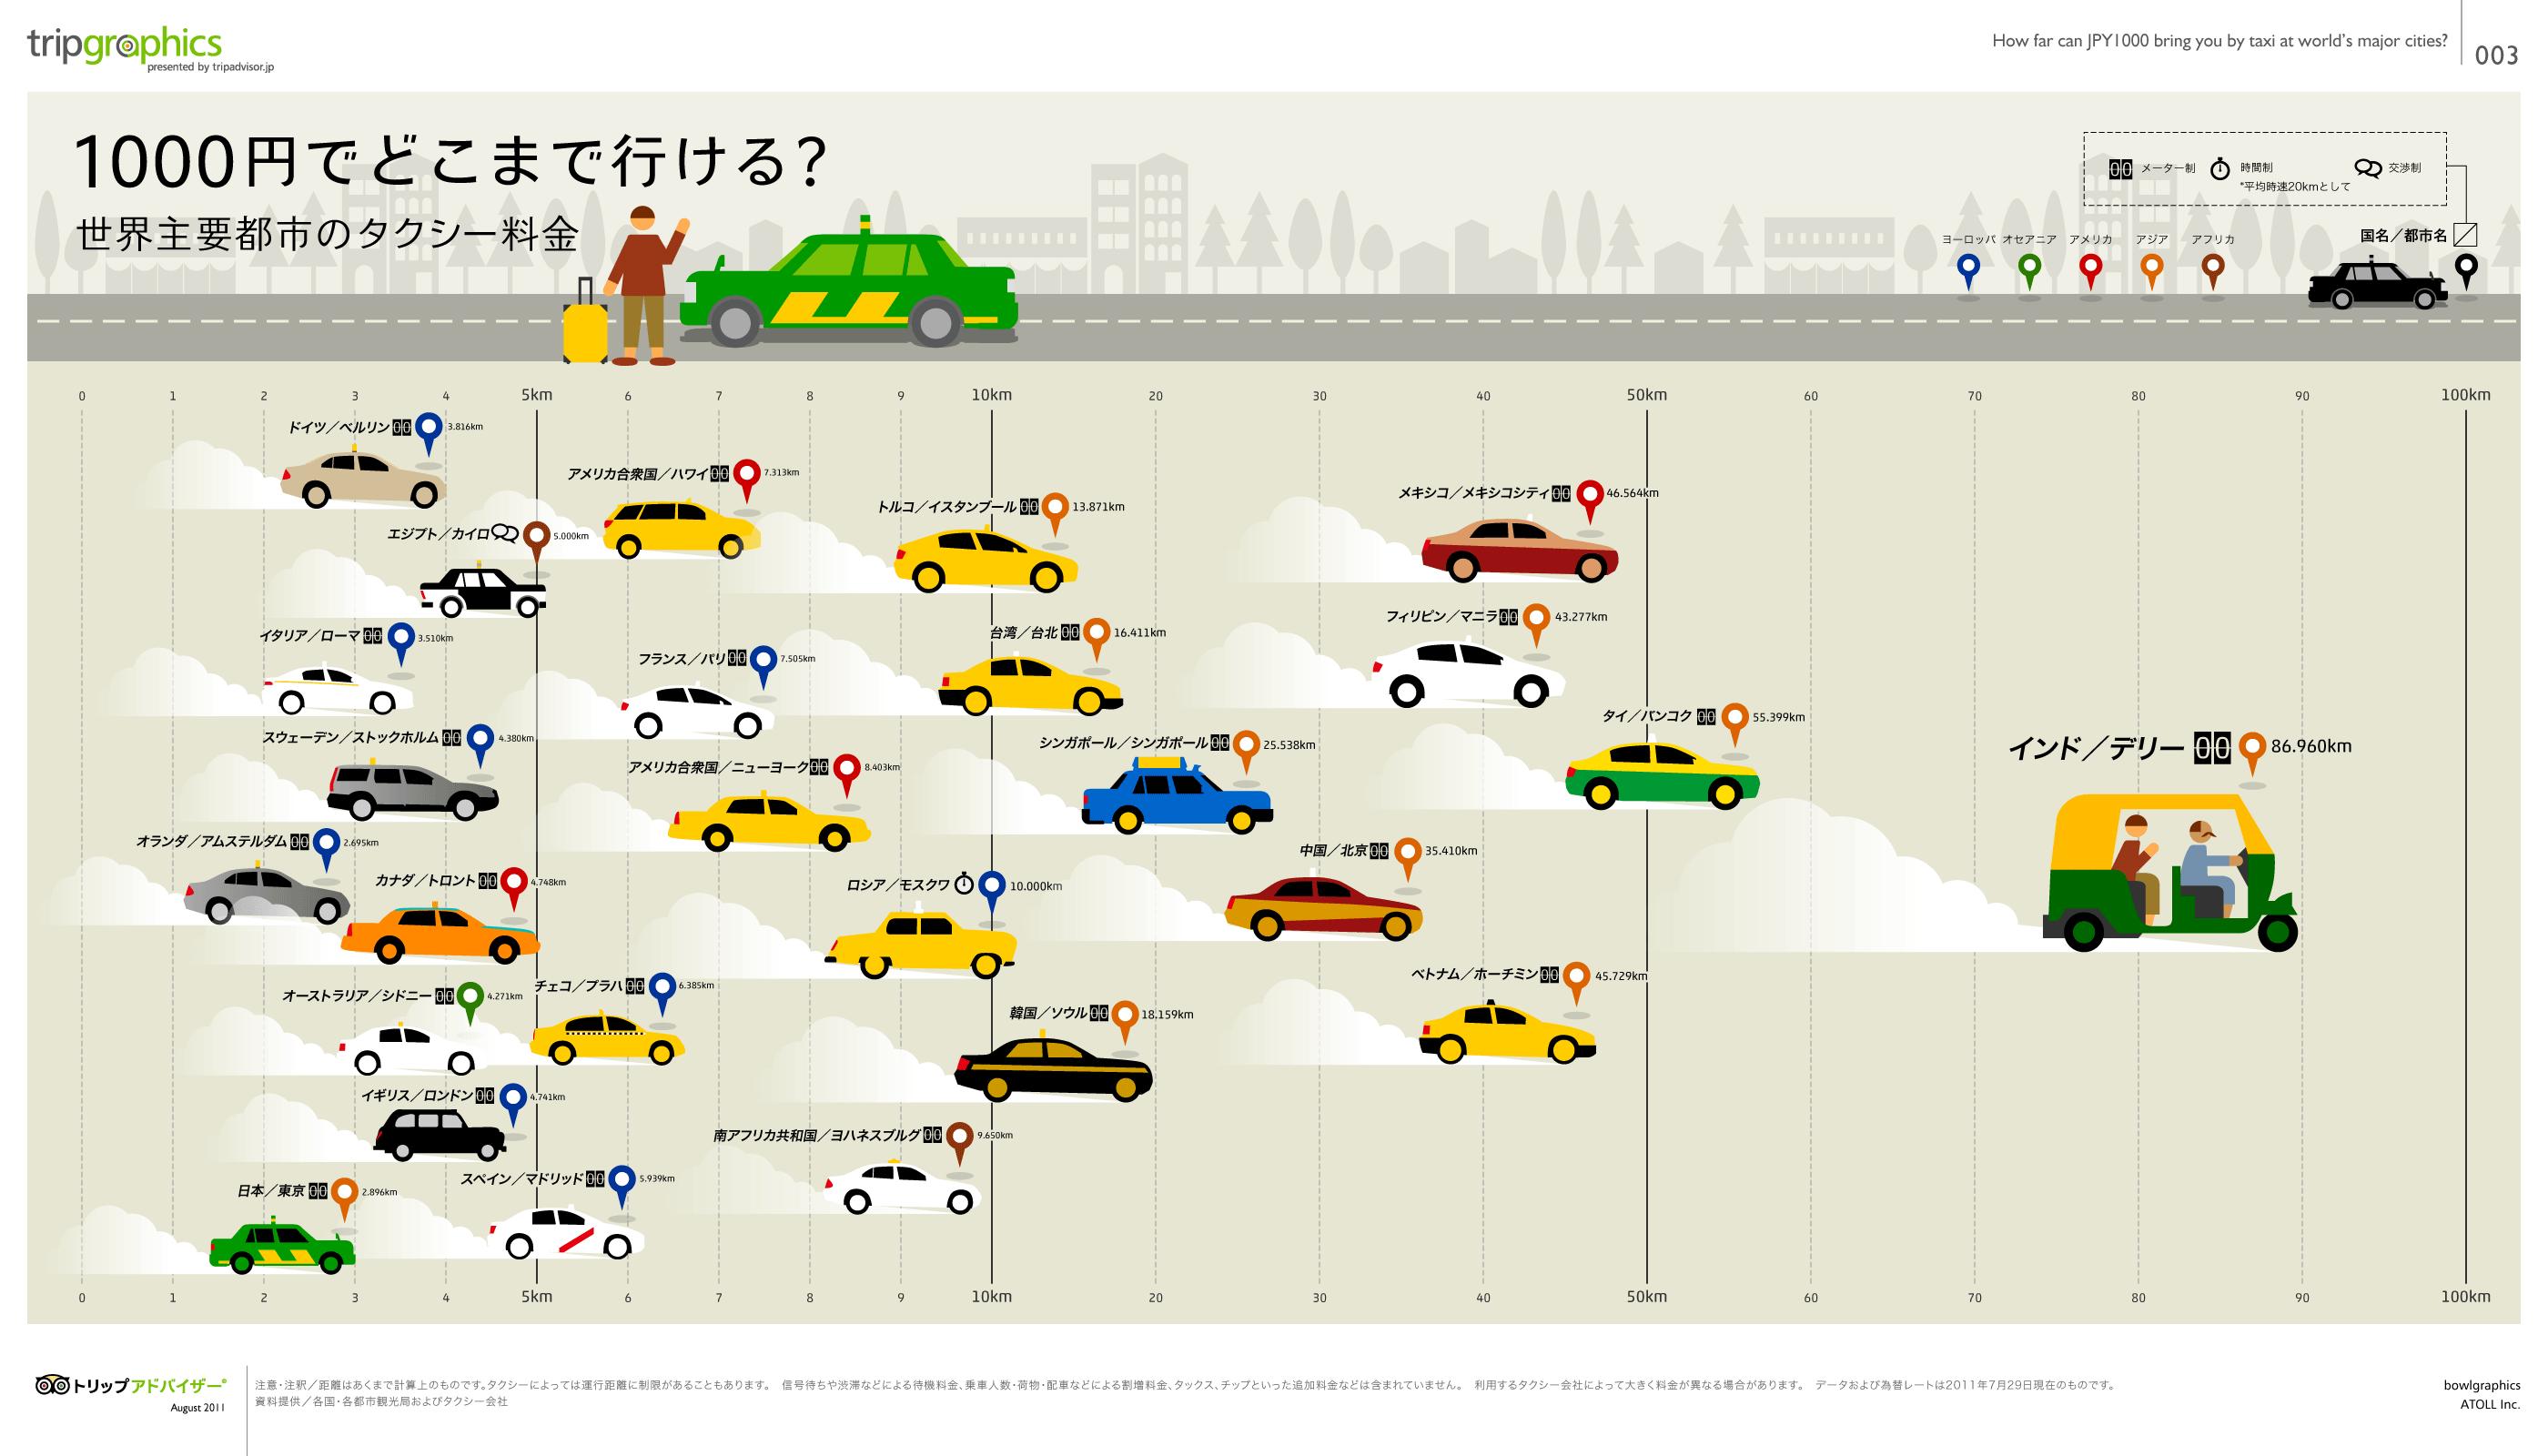 トリップグラフィックス世界主要都市のタクシー料金比較